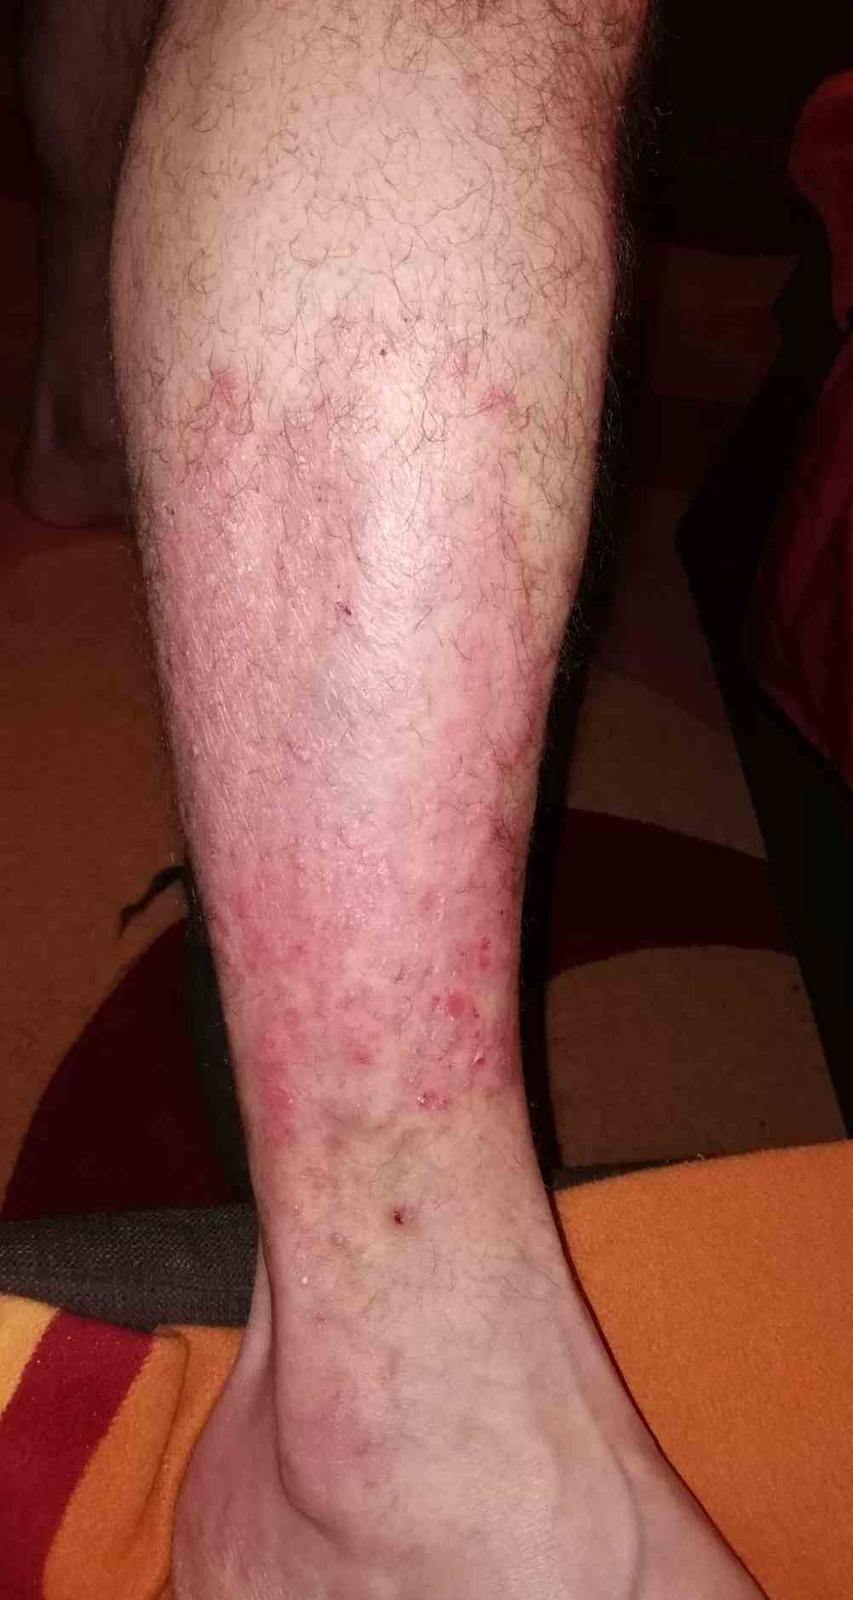 vörös könyök a könyökön hámlik pikkelysömör tünetei és kezelése fotók